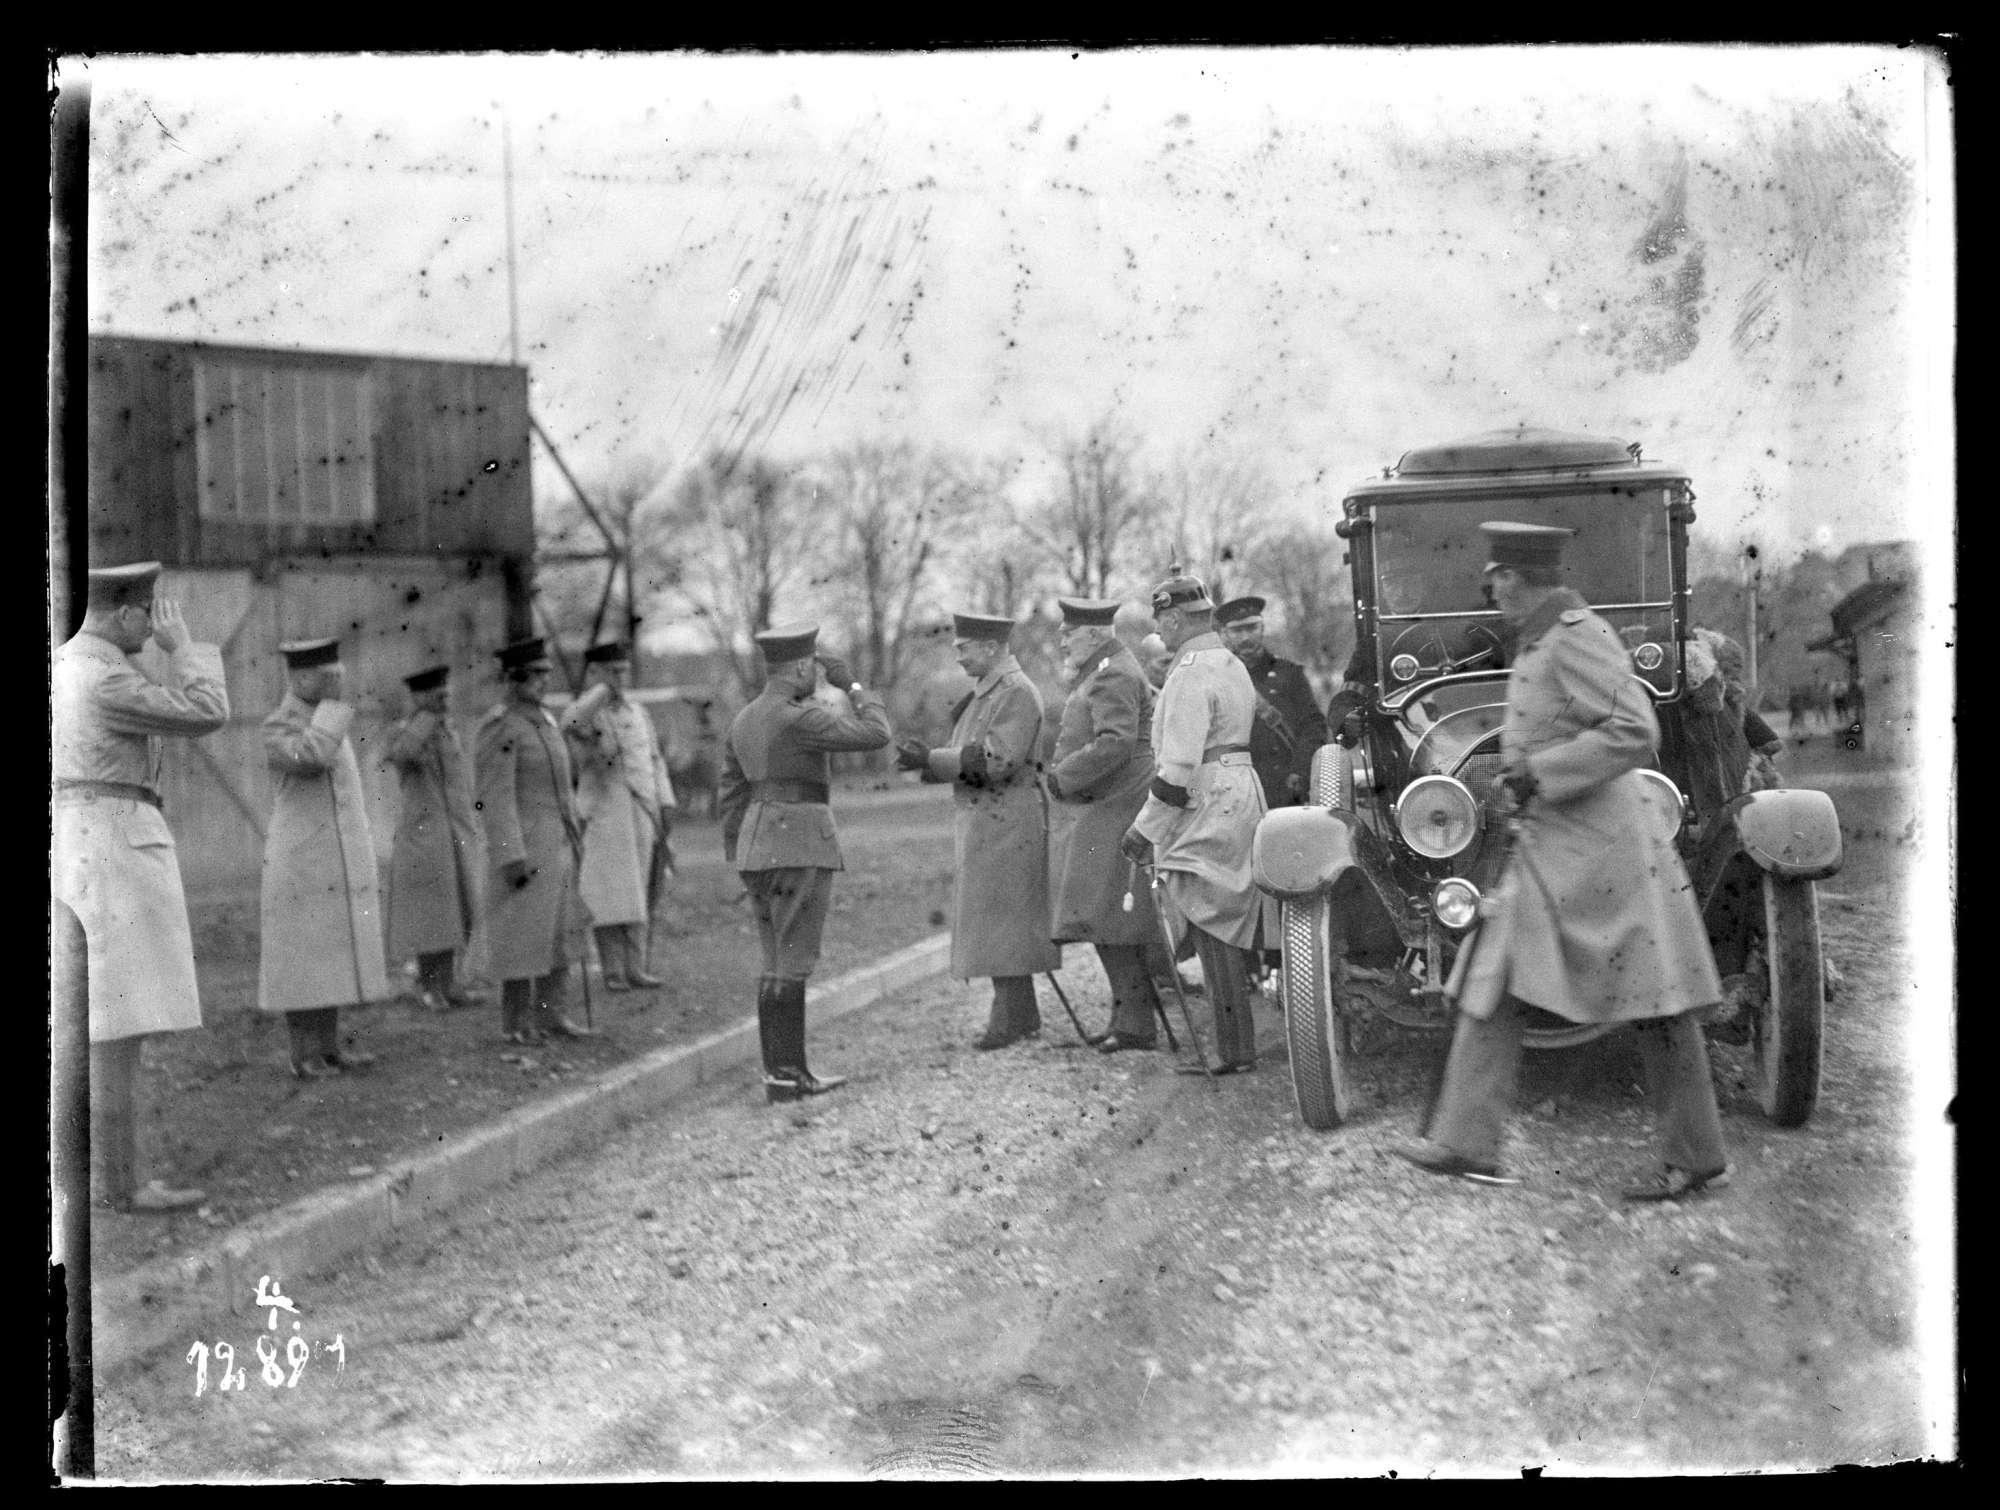 Wilhelm II., König von Württemberg, mit Offizieren, Bild 1